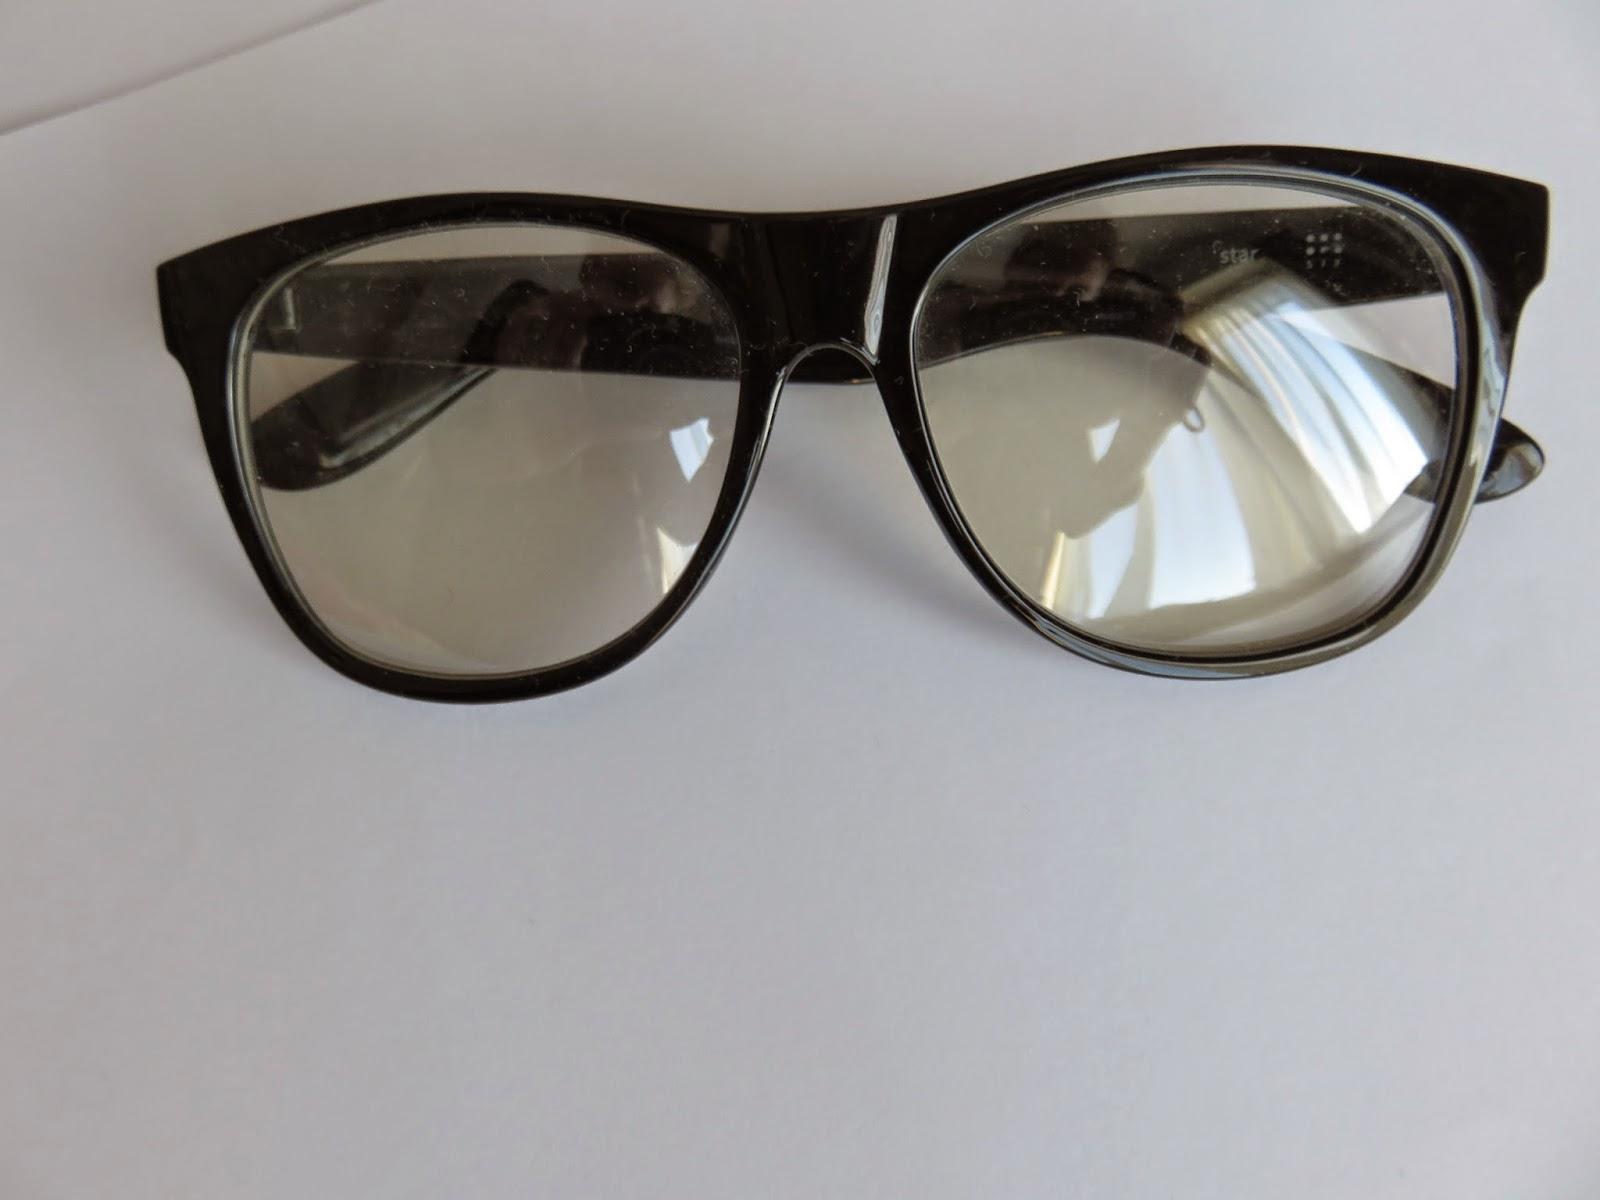 nerd glasses fashion